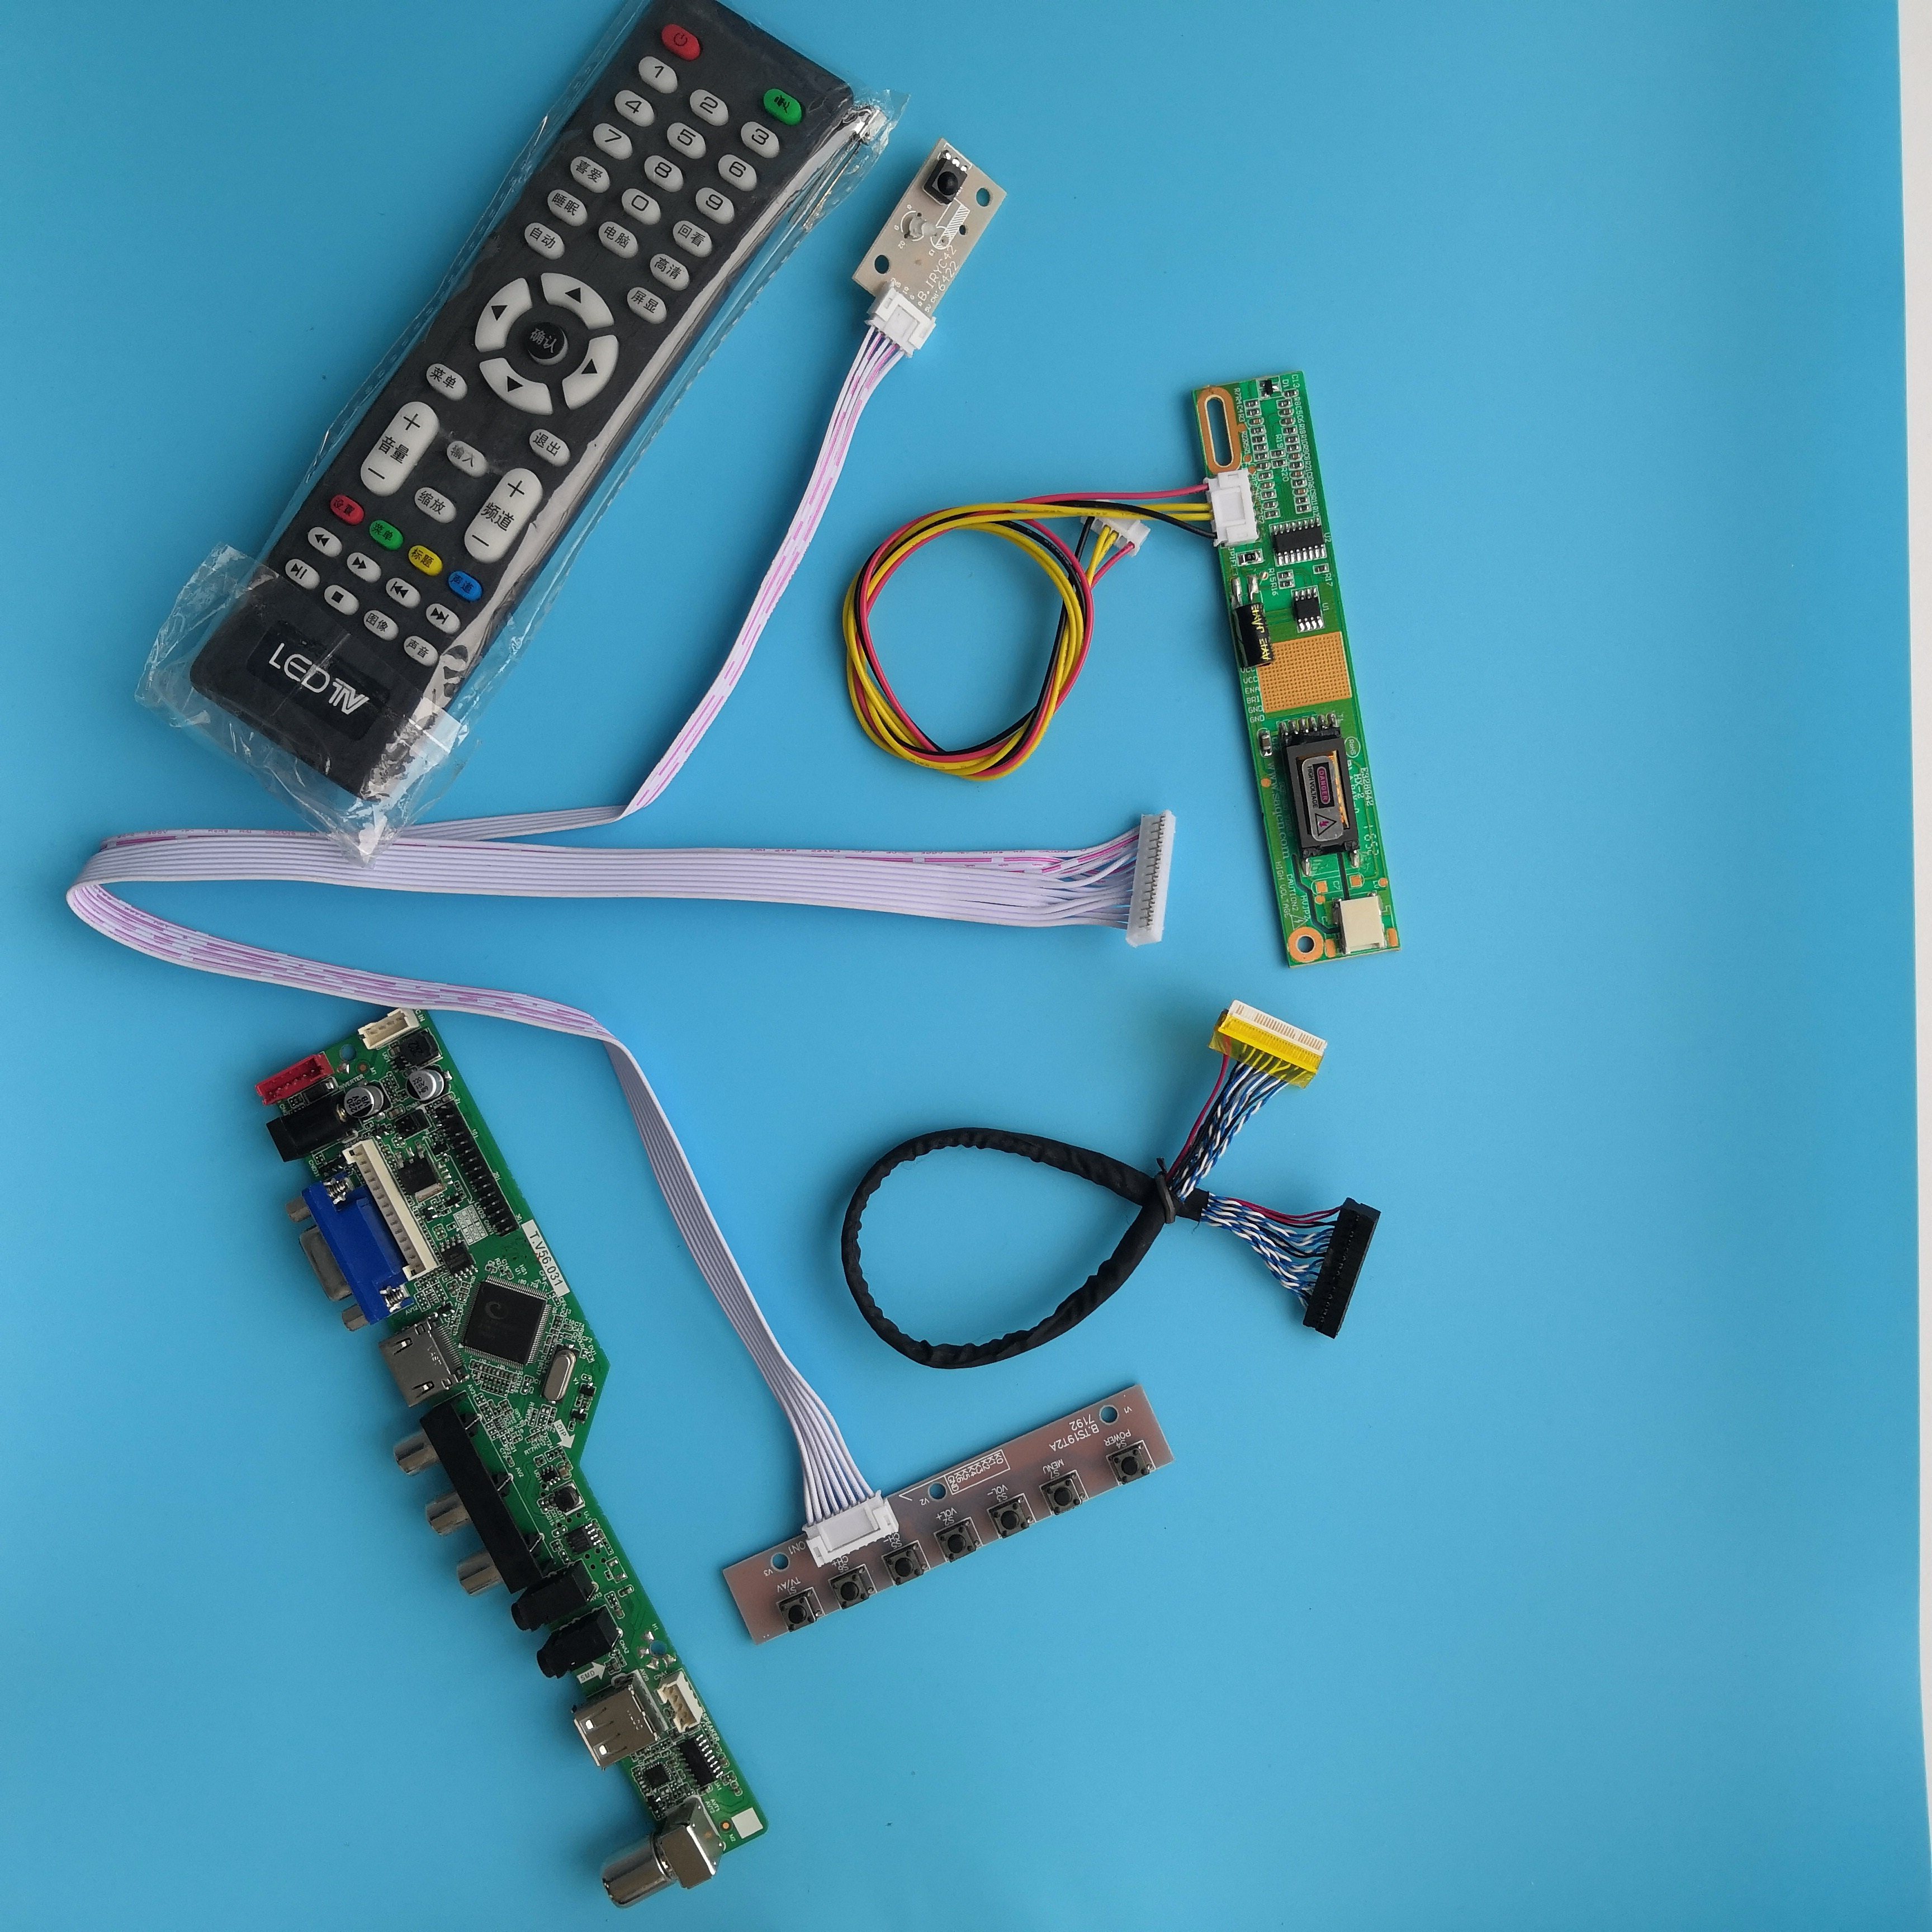 ل LP154WX5-TLA1 VGA AV القرار التلفزيون تحكم مجلس واجهة وحدة 1 مصابيح 15.4